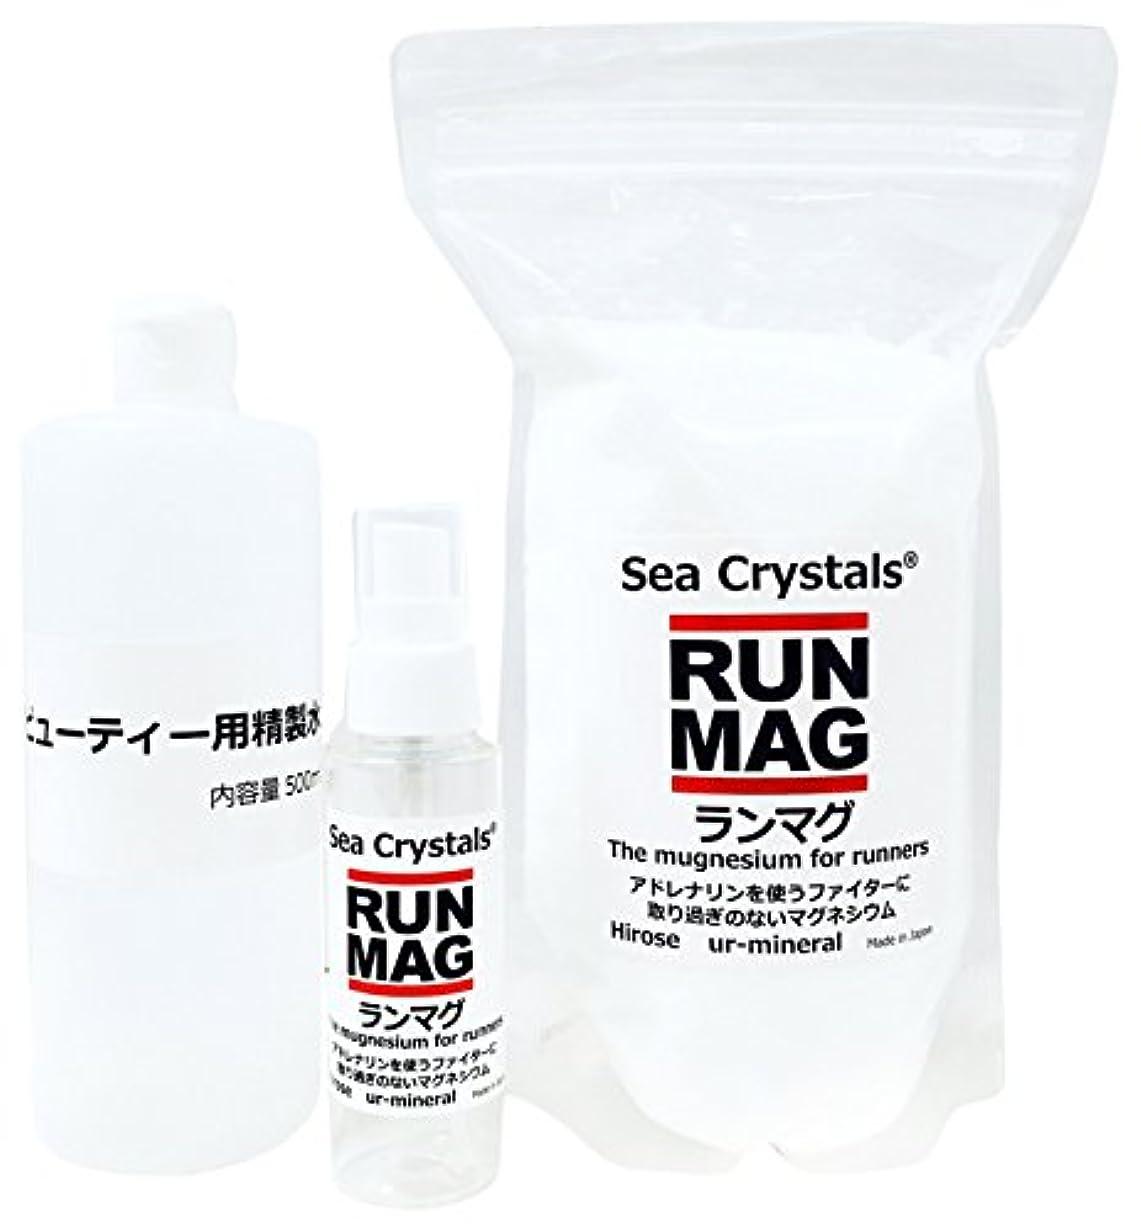 過度に剪断恥ずかしいランマグ?マグネシウムオイル 500g 化粧品登録 日本製 1日マグネシウム360mg使用  精製水付き